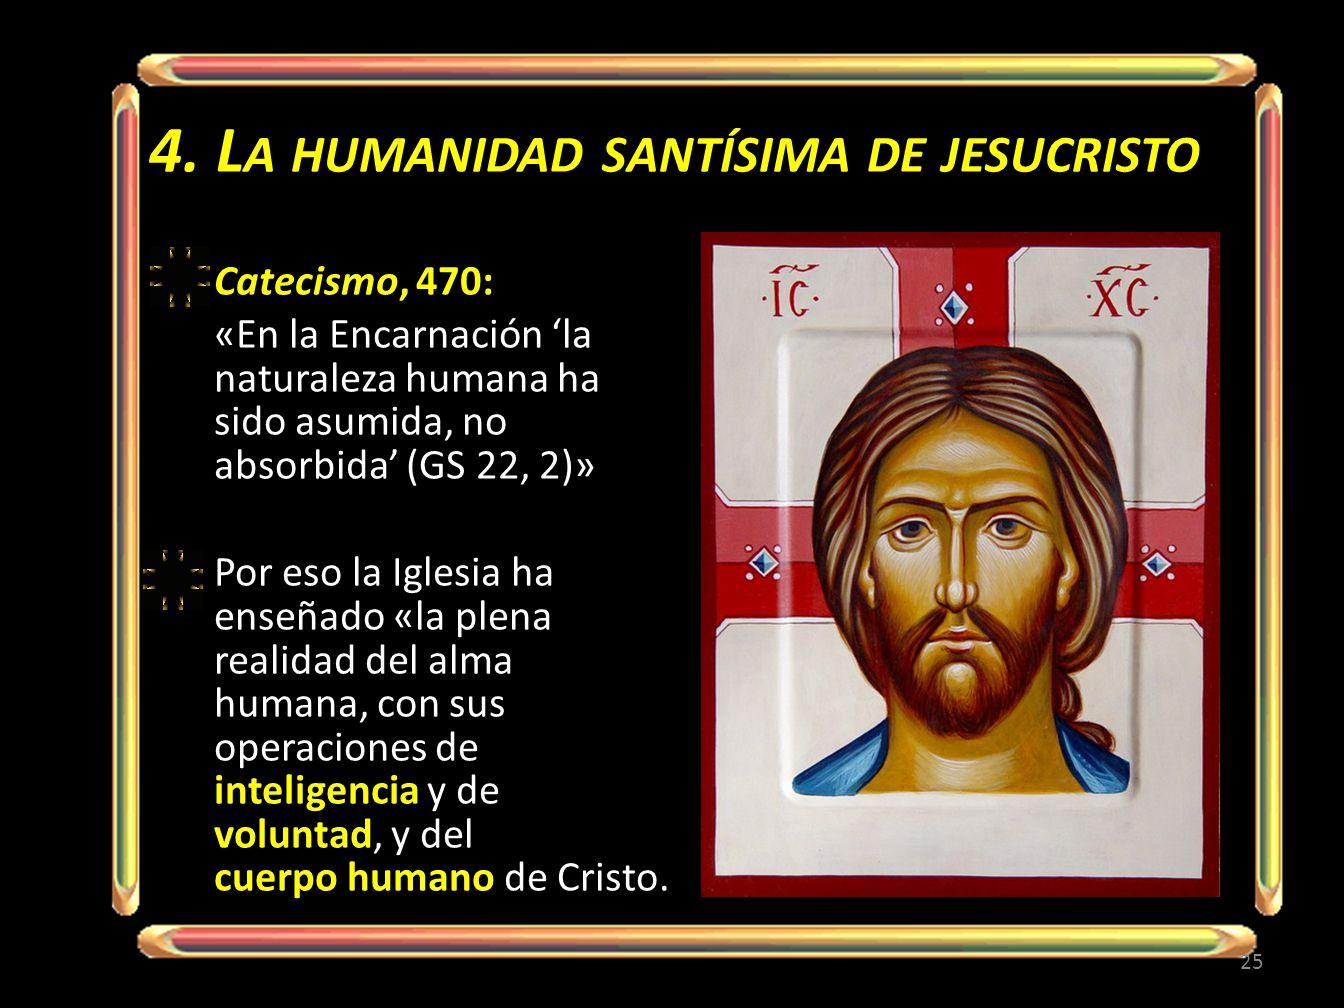 4. L A HUMANIDAD SANTÍSIMA DE JESUCRISTO Catecismo, 470: «En la Encarnación la naturaleza humana ha sido asumida, no absorbida (GS 22, 2)» Por eso la